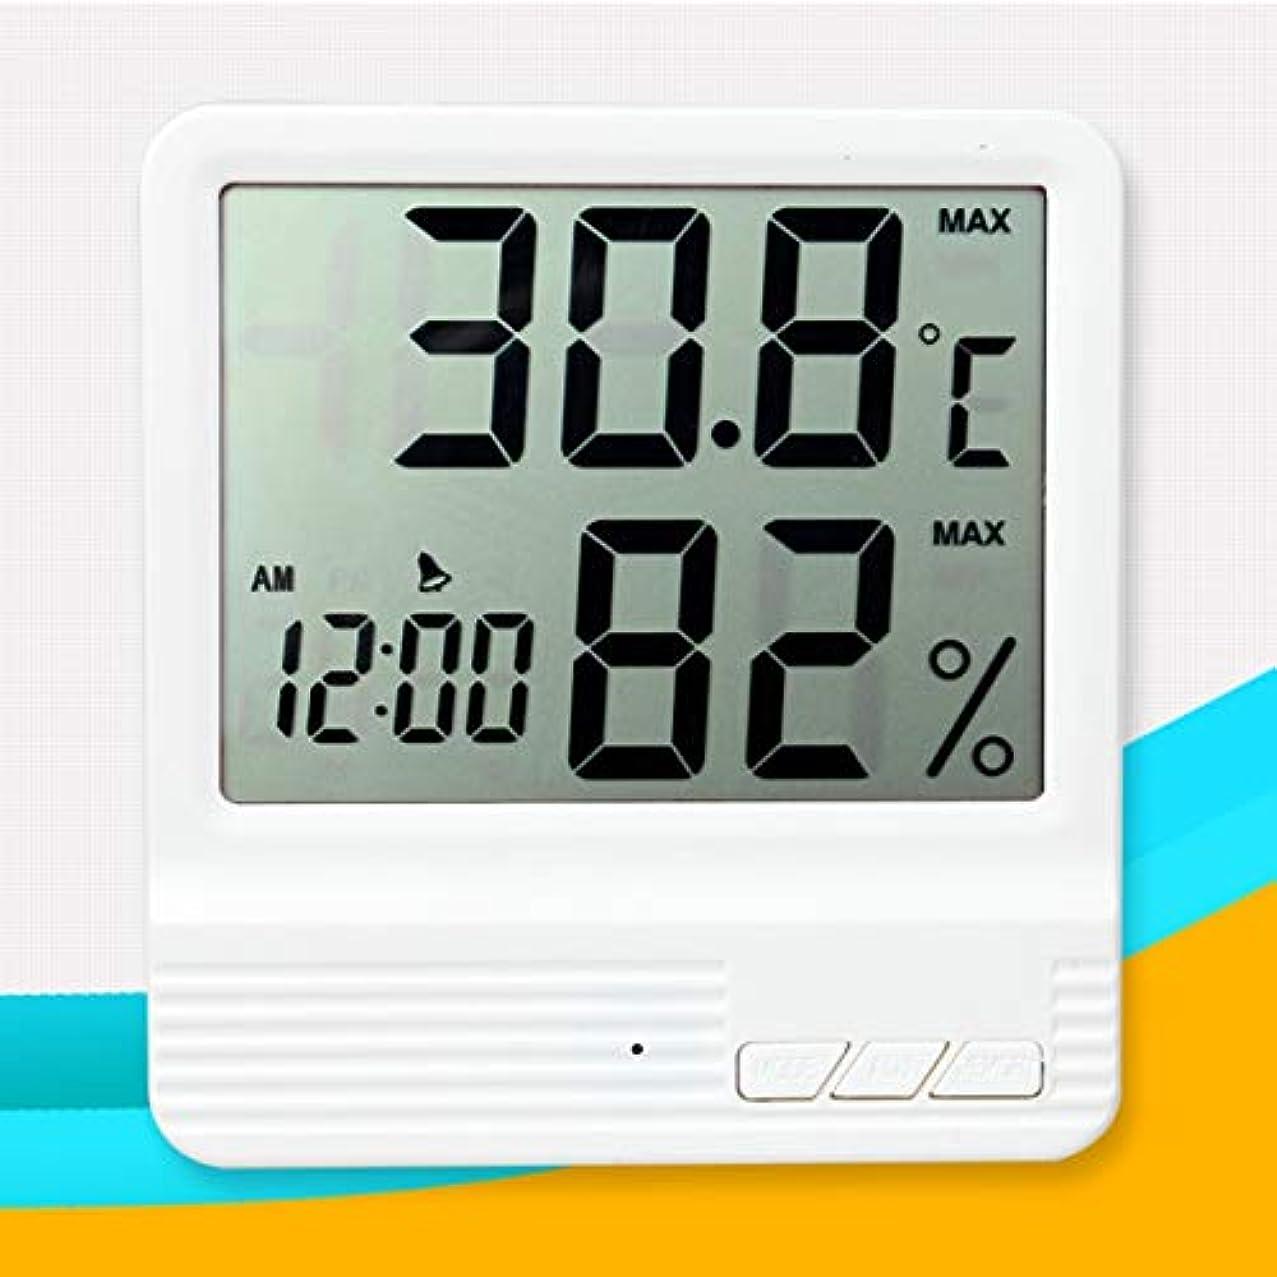 敏感なカレンダー小麦Saikogoods 電子体温計湿度計 デジタルディスプレイ 温度湿度モニター アラーム時計 屋内家庭用 白